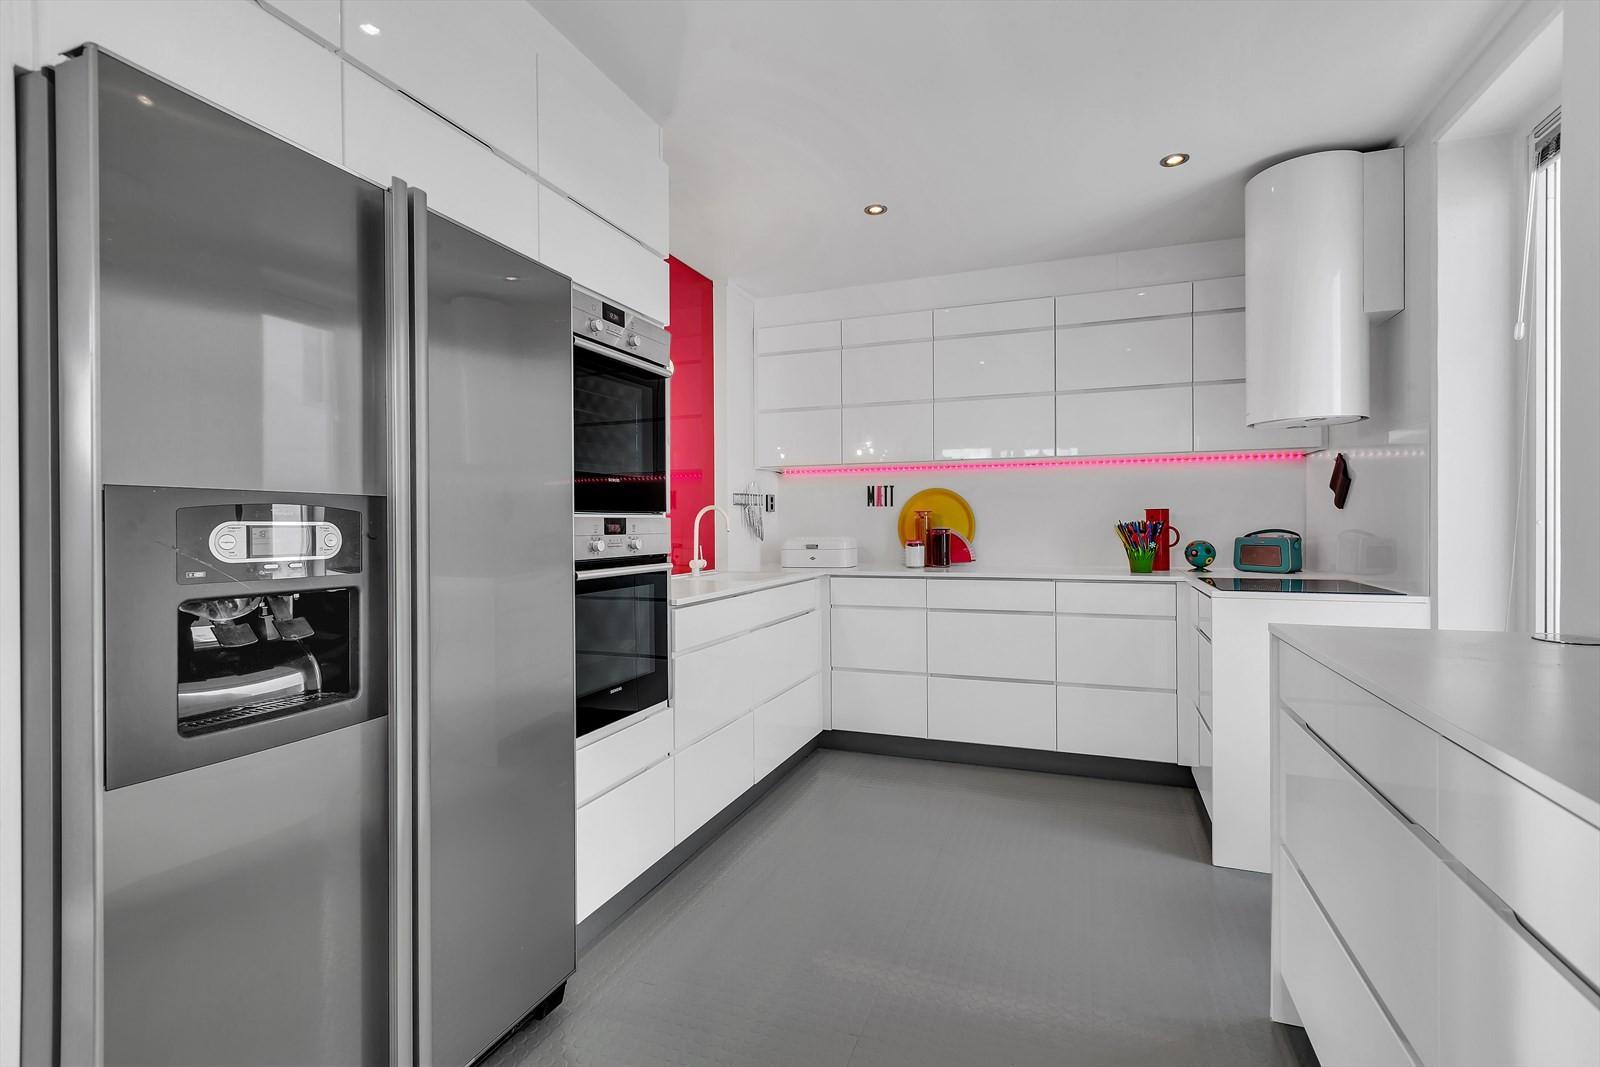 Innholdsrikt kjøkken med hvite glatte fronter